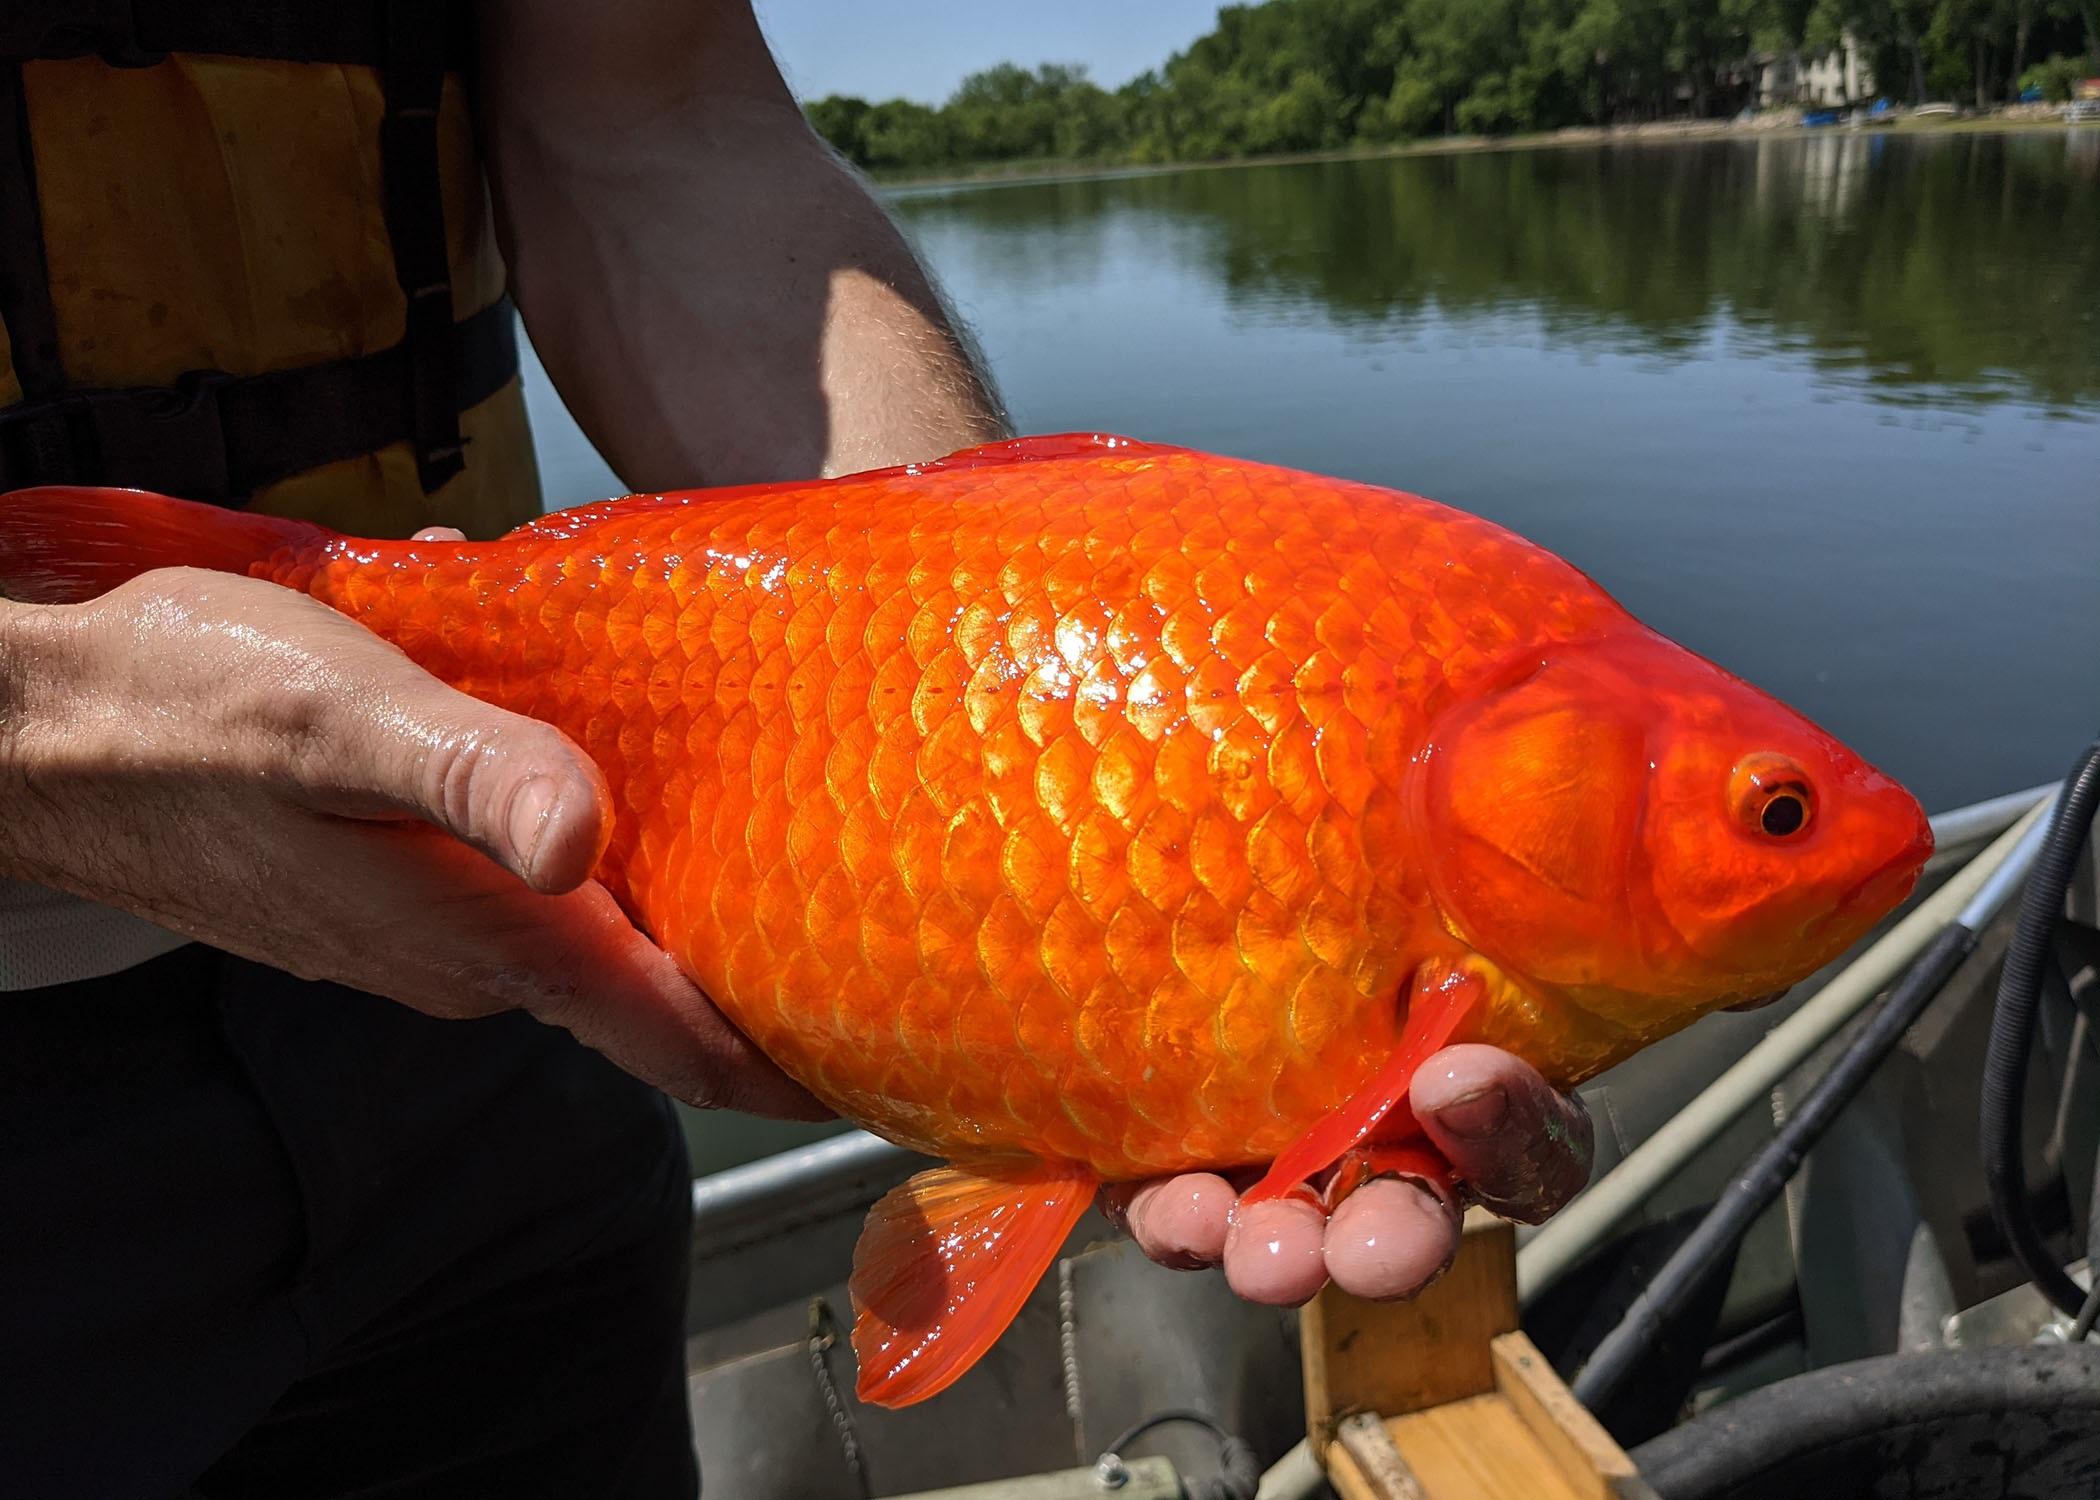 Χρυσόψαρα σε μέγεθος… τσιπούρας στις ΗΠΑ – Μην τα πετάτε στις λίμνες λένε οι αρχές